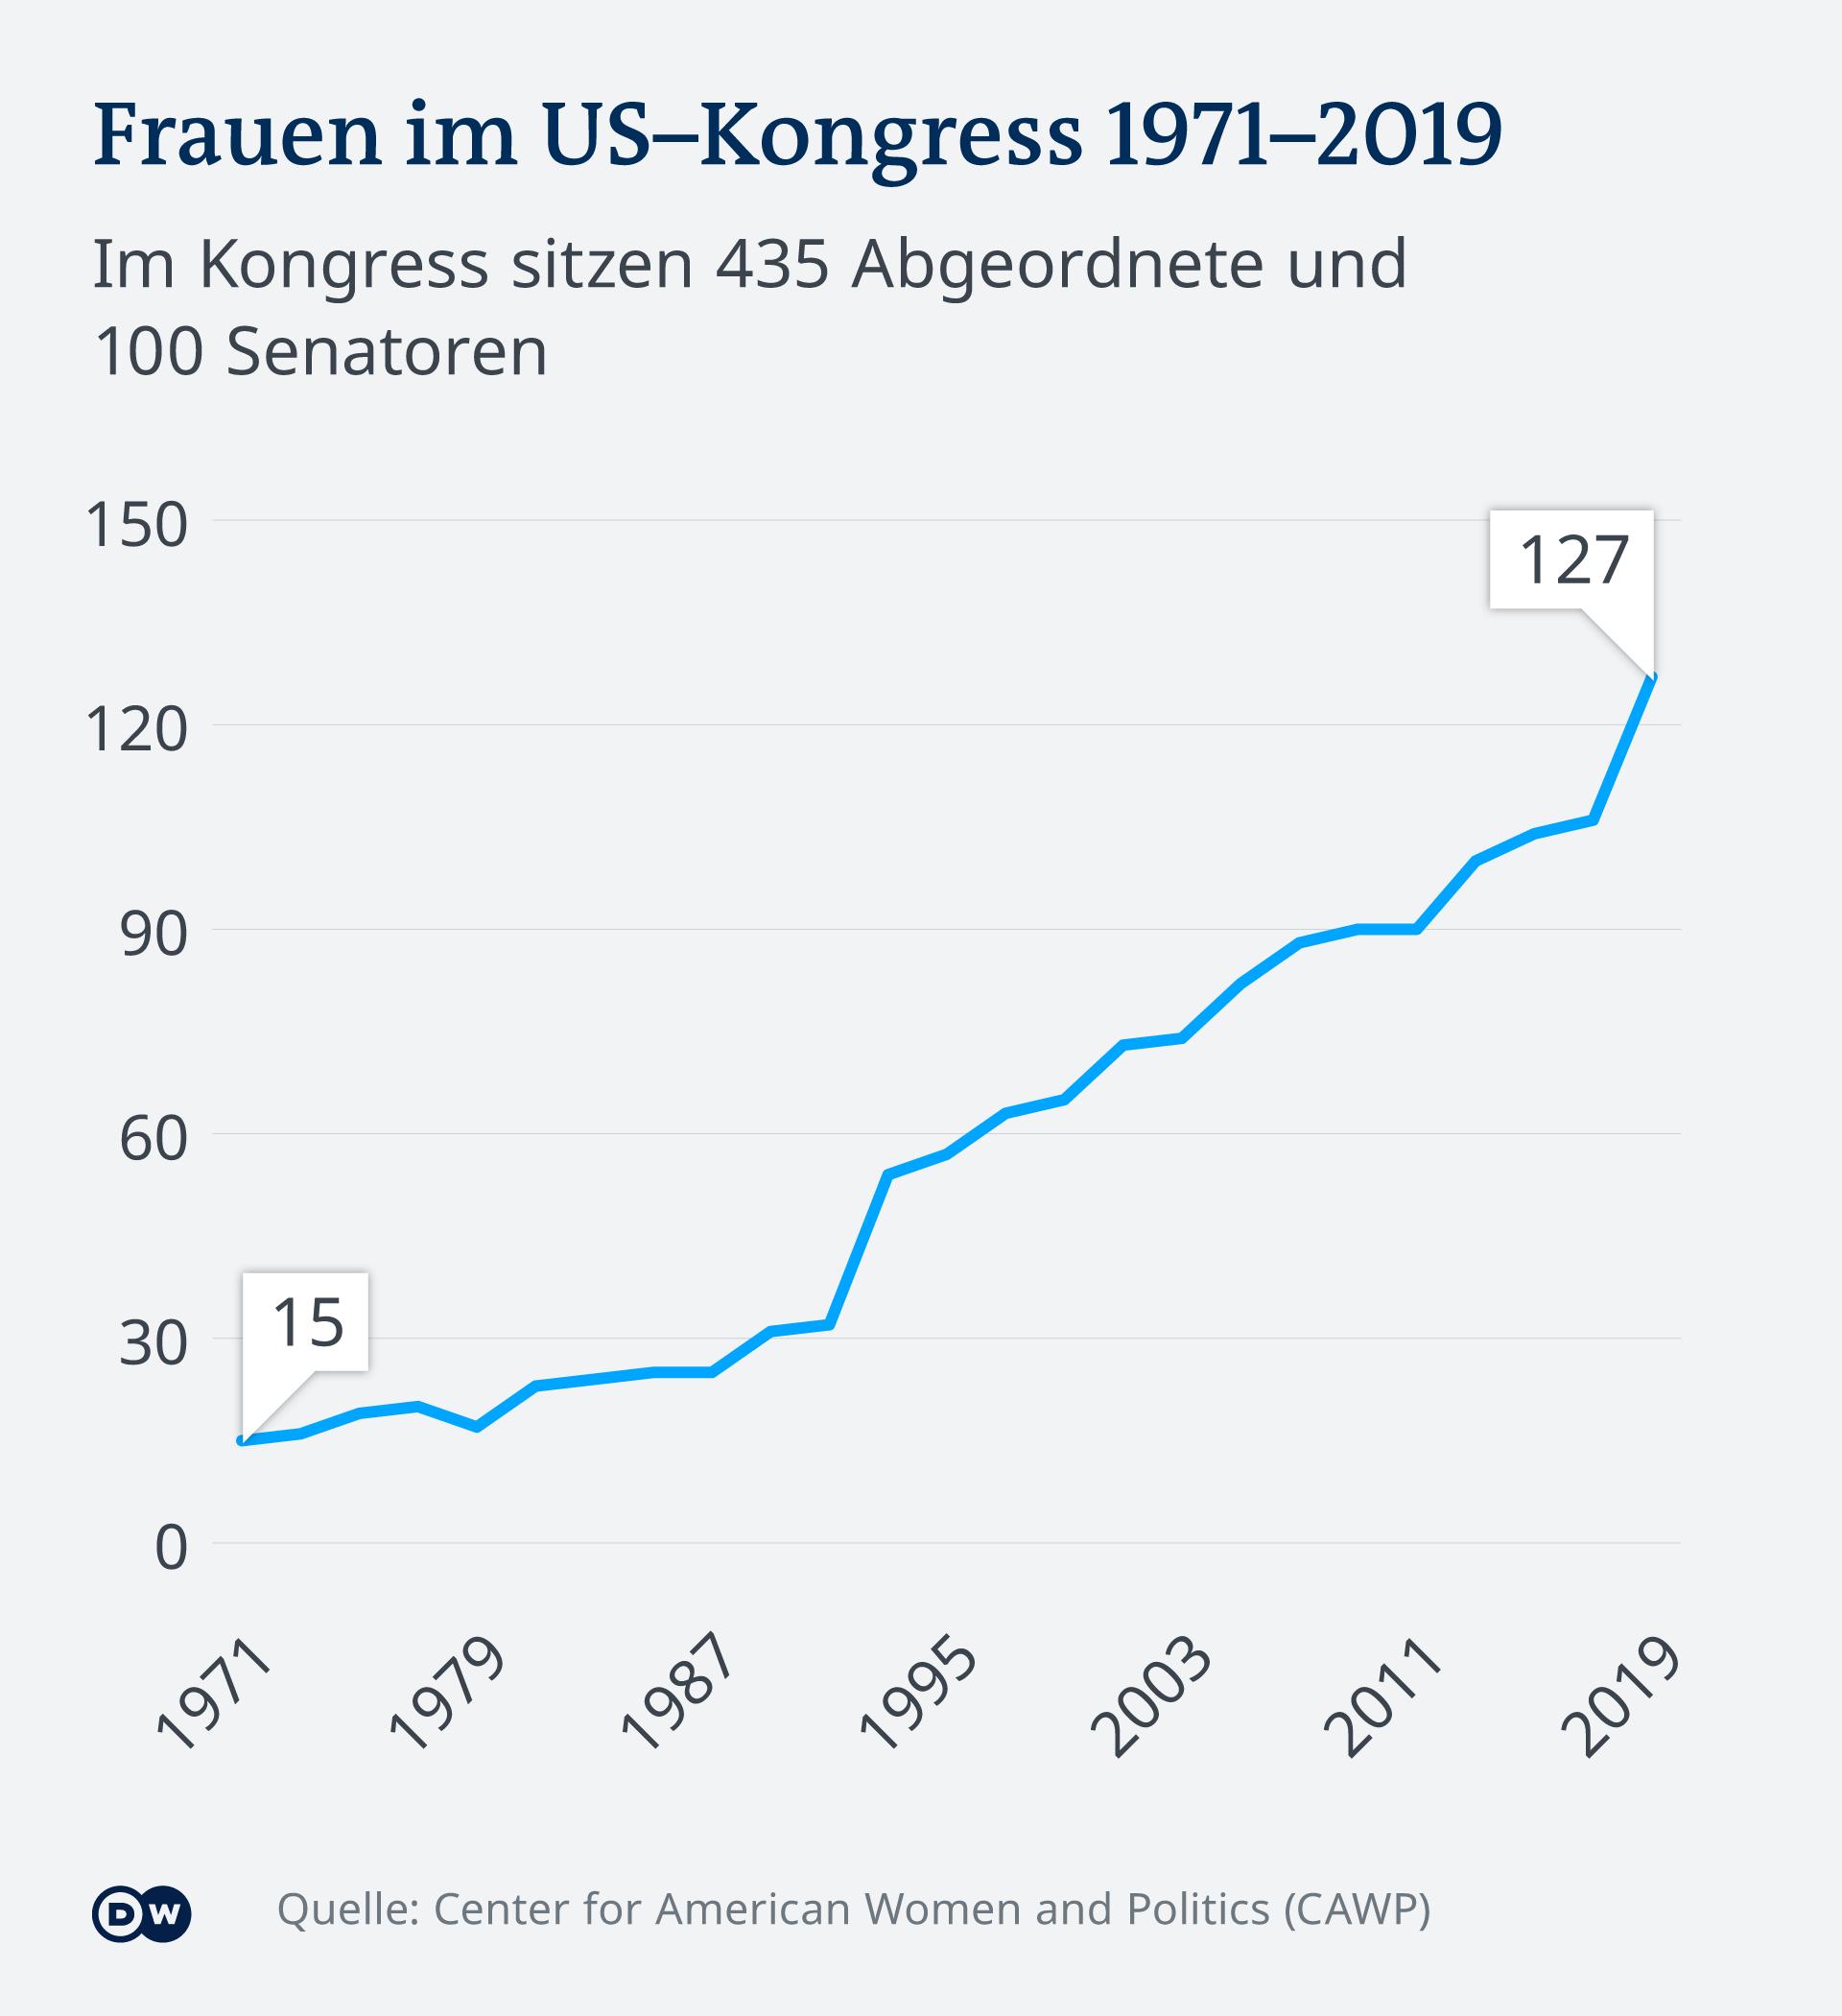 Krivulja pokazuje velik rast s 15 na 127 u razdoblju od pedeset godina.